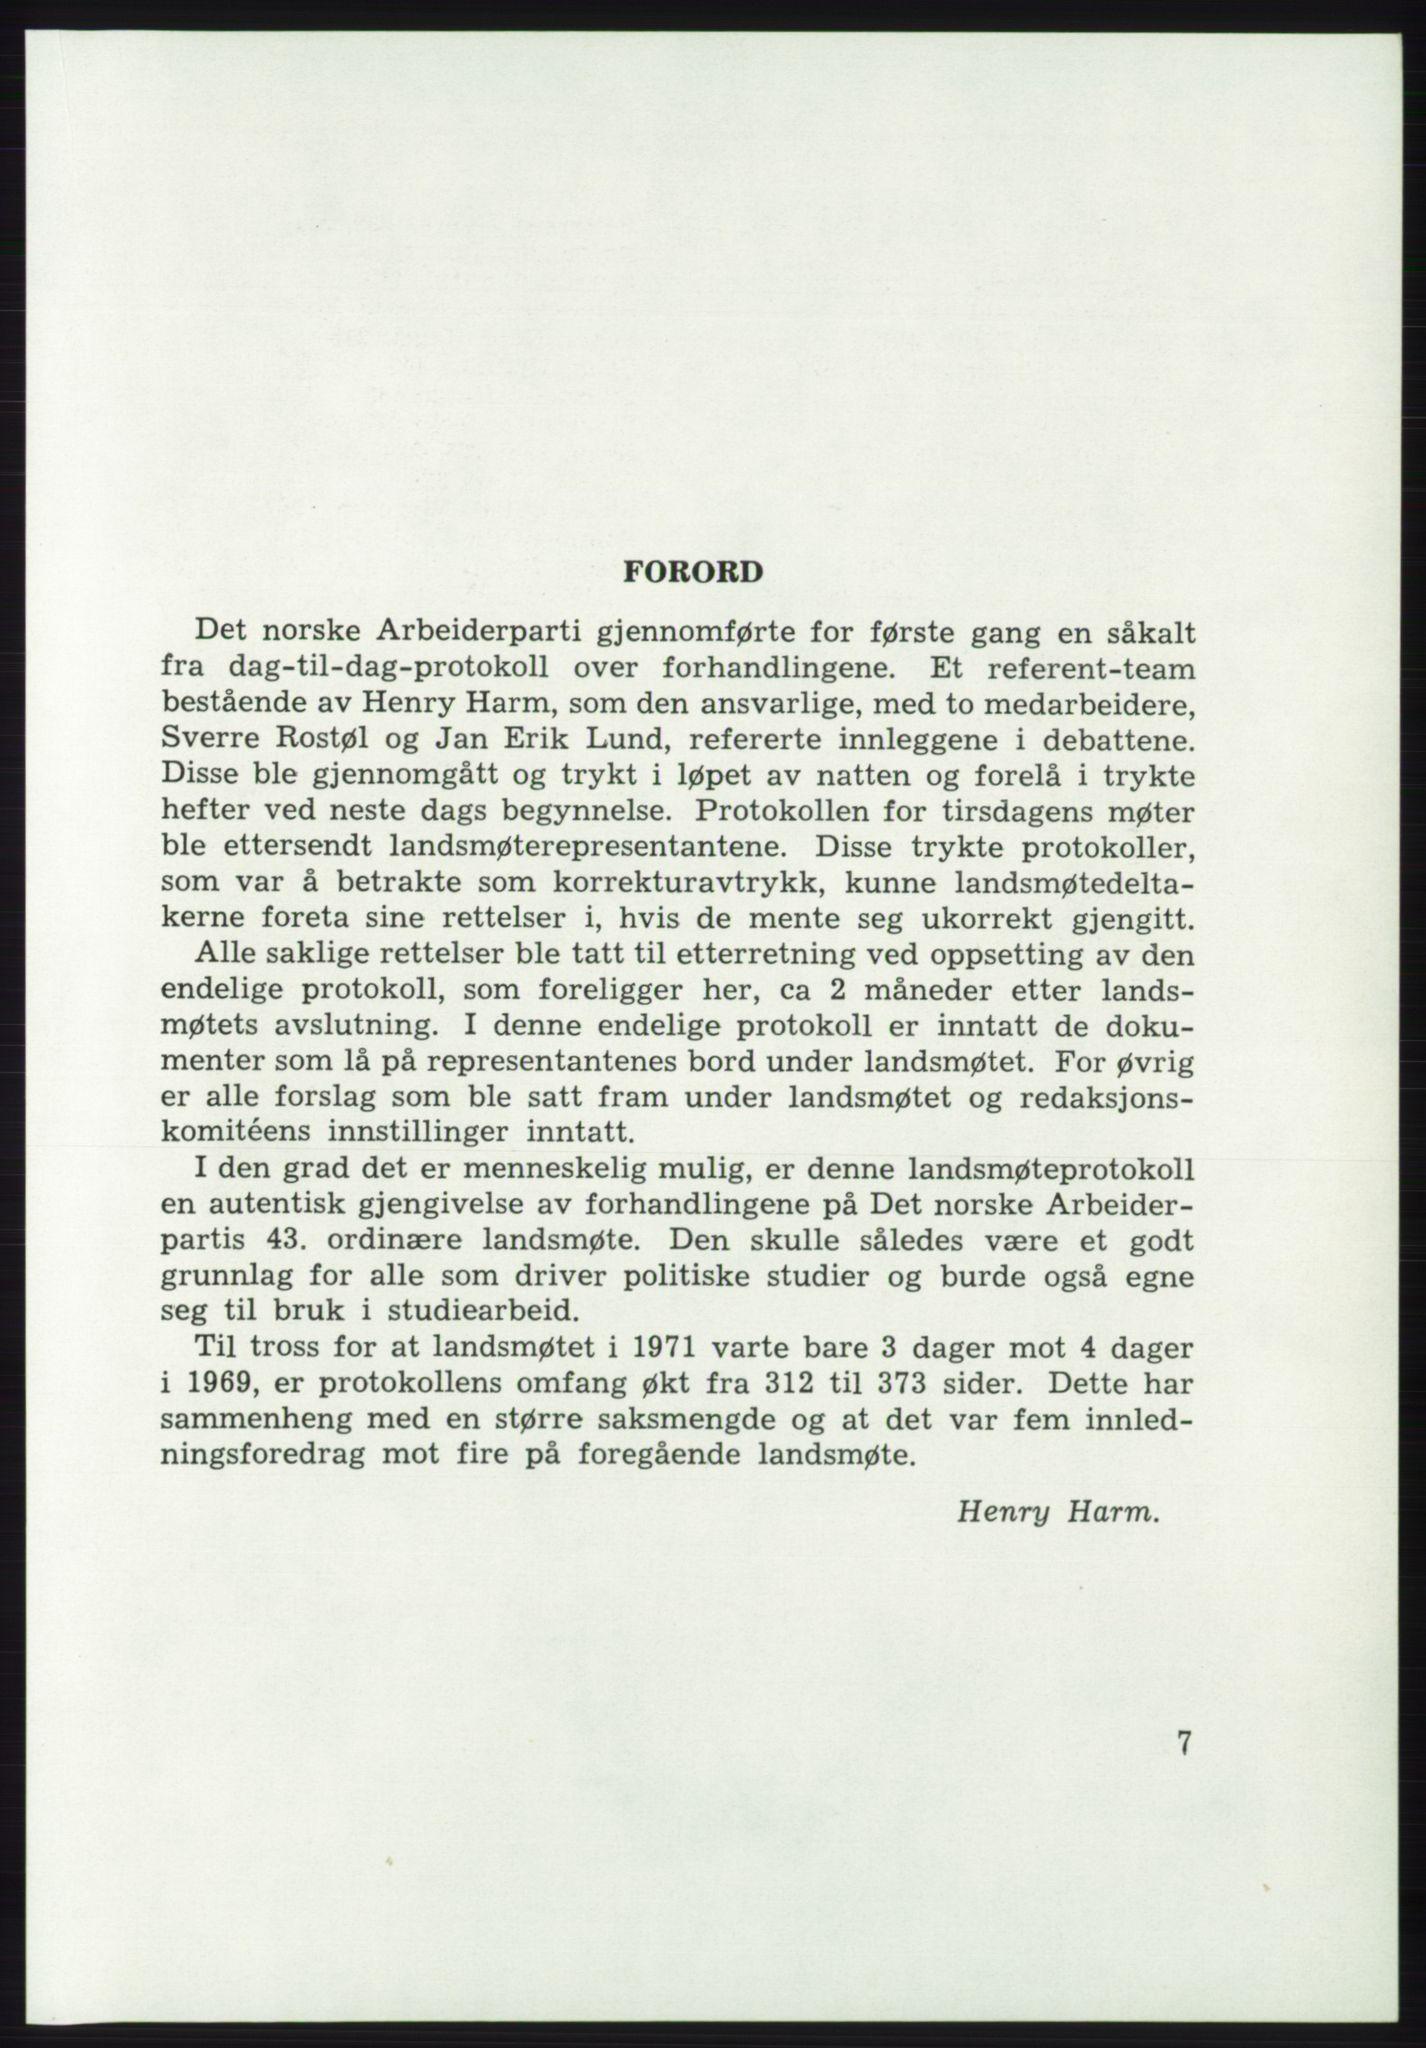 AAB, Det norske Arbeiderparti - publikasjoner, -/-: Protokoll over forhandlingene på det 43. ordinære landsmøte 9.-11. mai 1971 i Oslo, 1971, p. 7